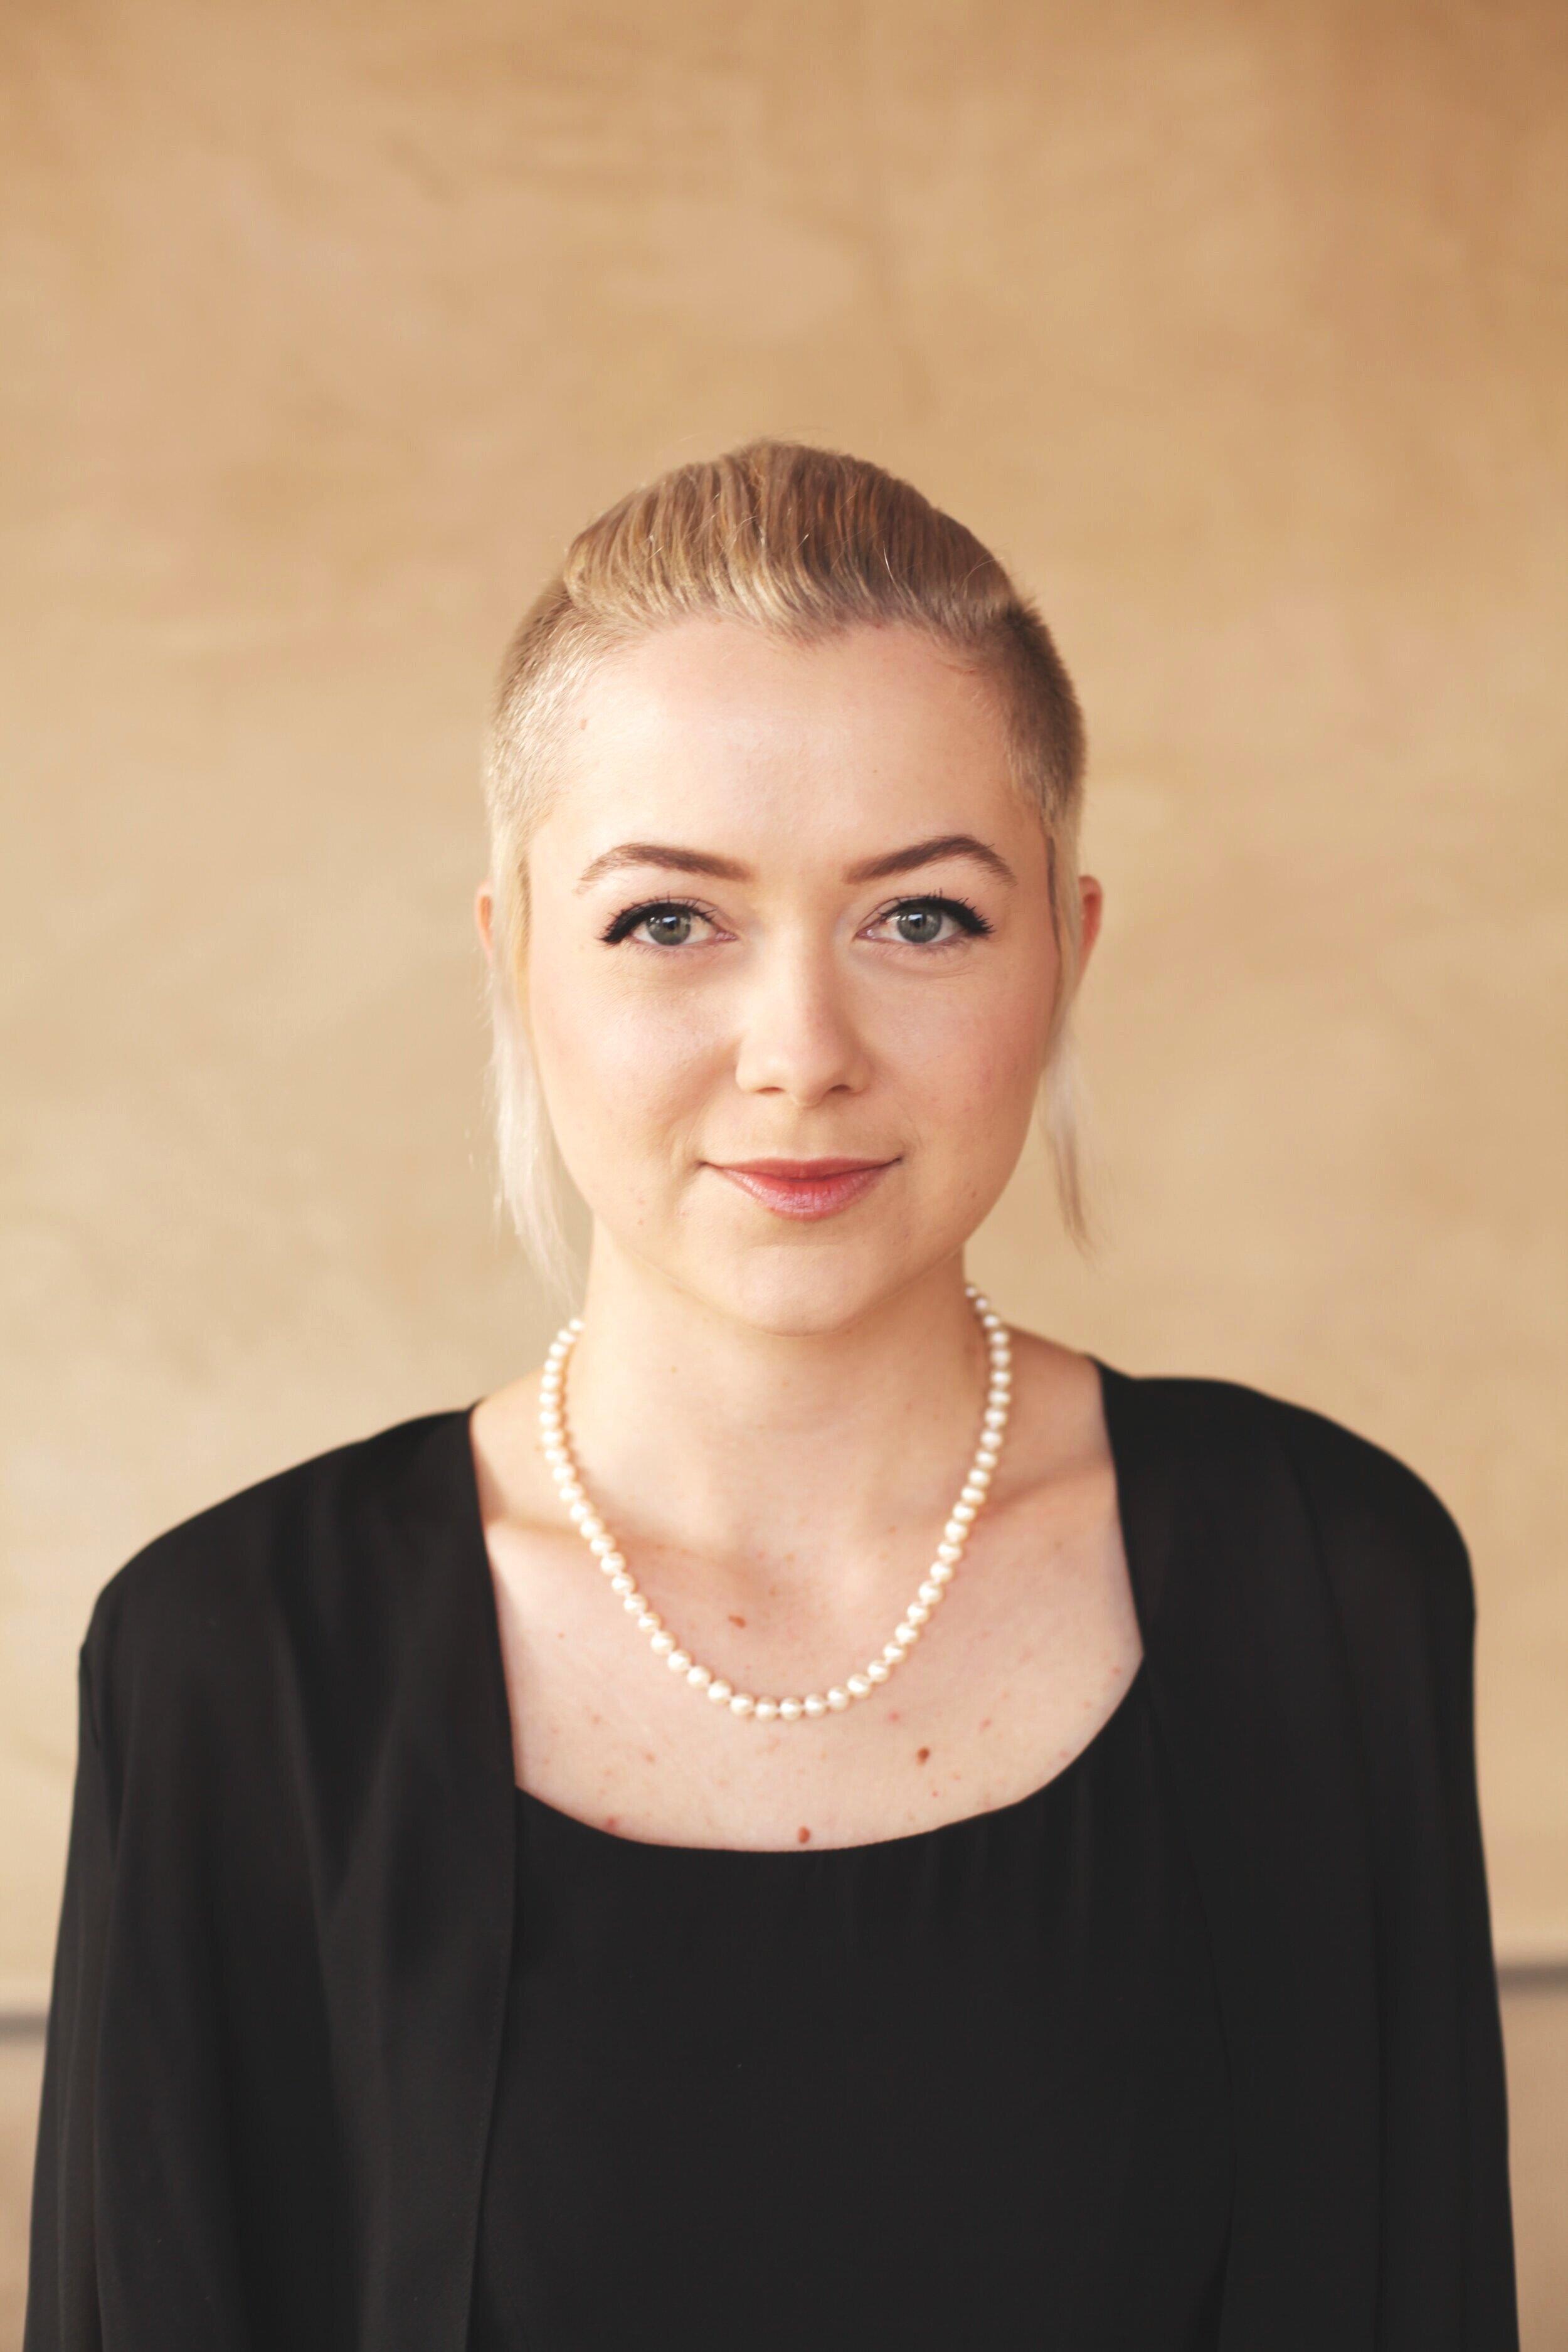 Brenna Mullally